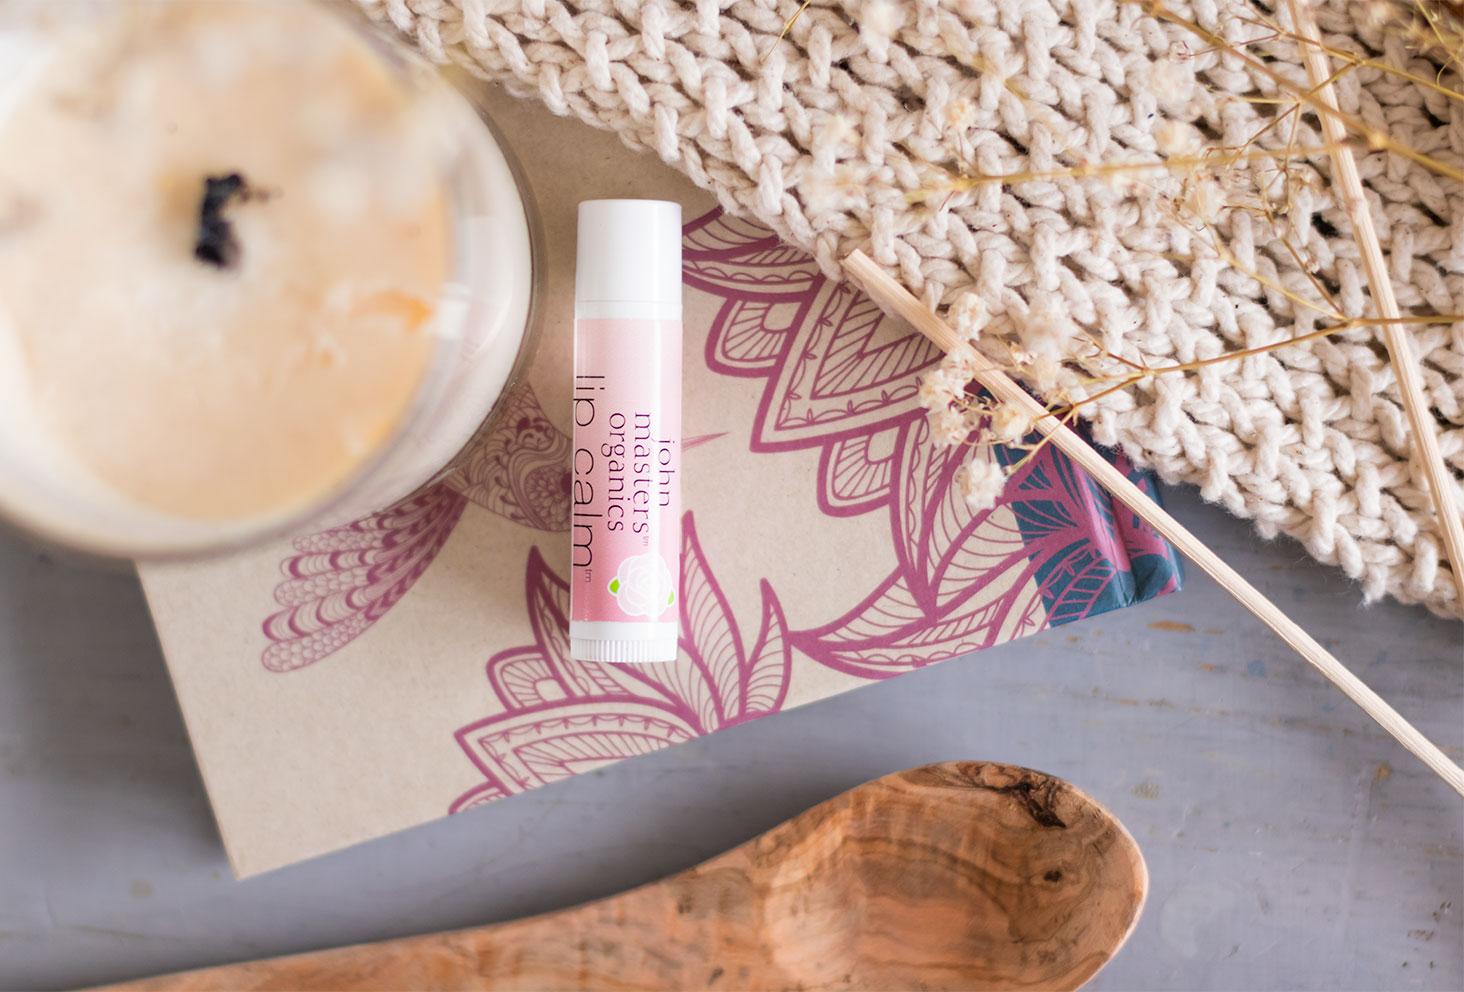 Le baume à lèvres à la rose de John Masters Organics de haut, allongé sur un livre en carton beige et rose, à côté d'une bougie et d'un plaid en mailles beiges